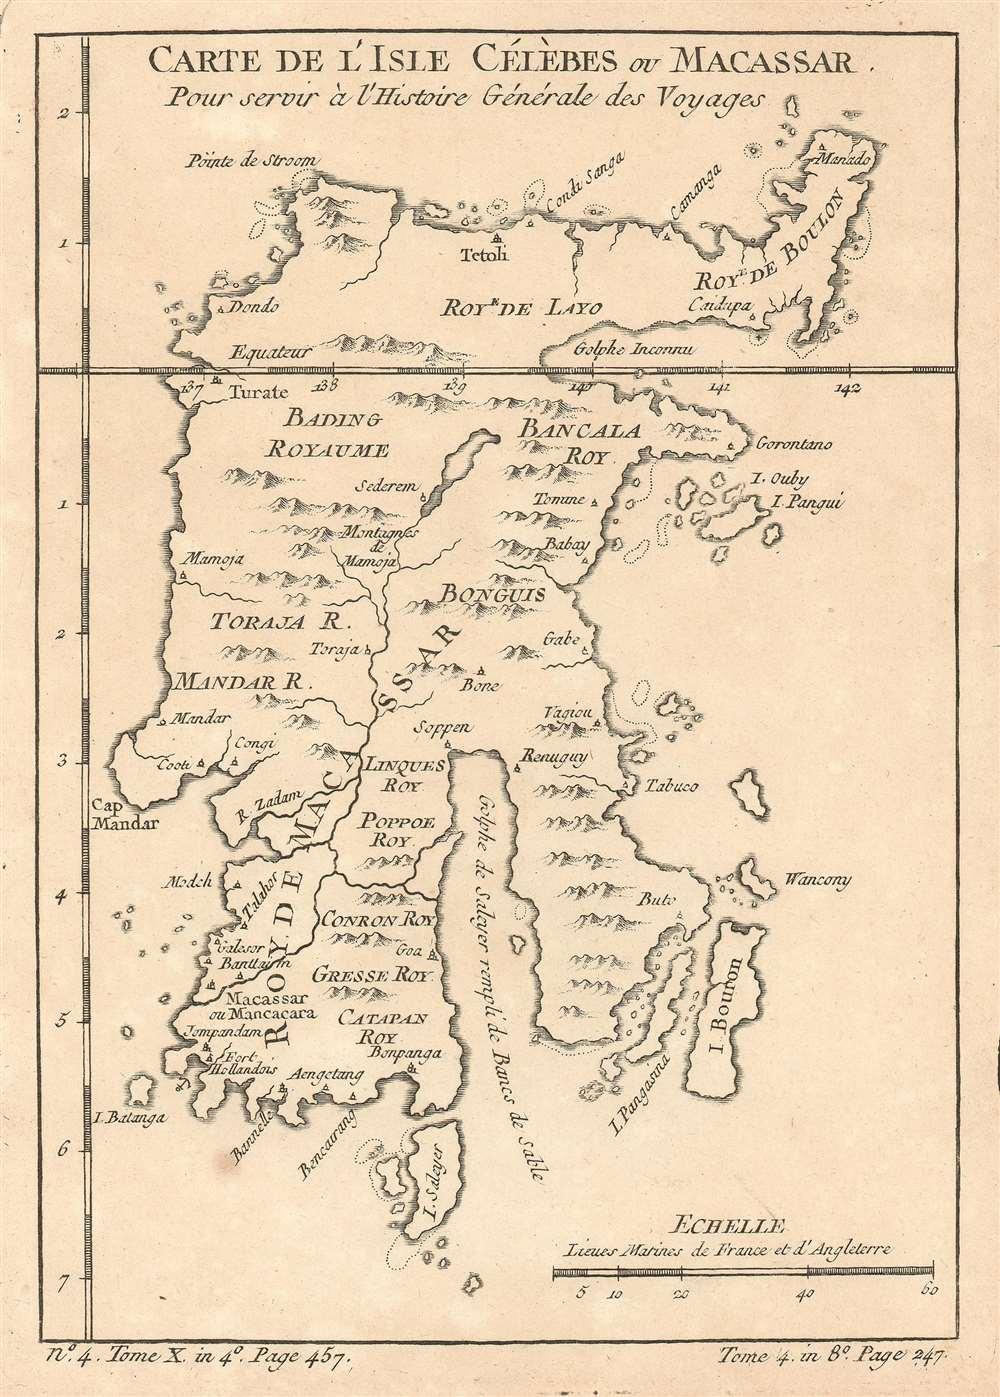 Carte De L'Isle Célèbes ou Macassar : Pour servir à l'Histoire Générale des Voyages. - Main View